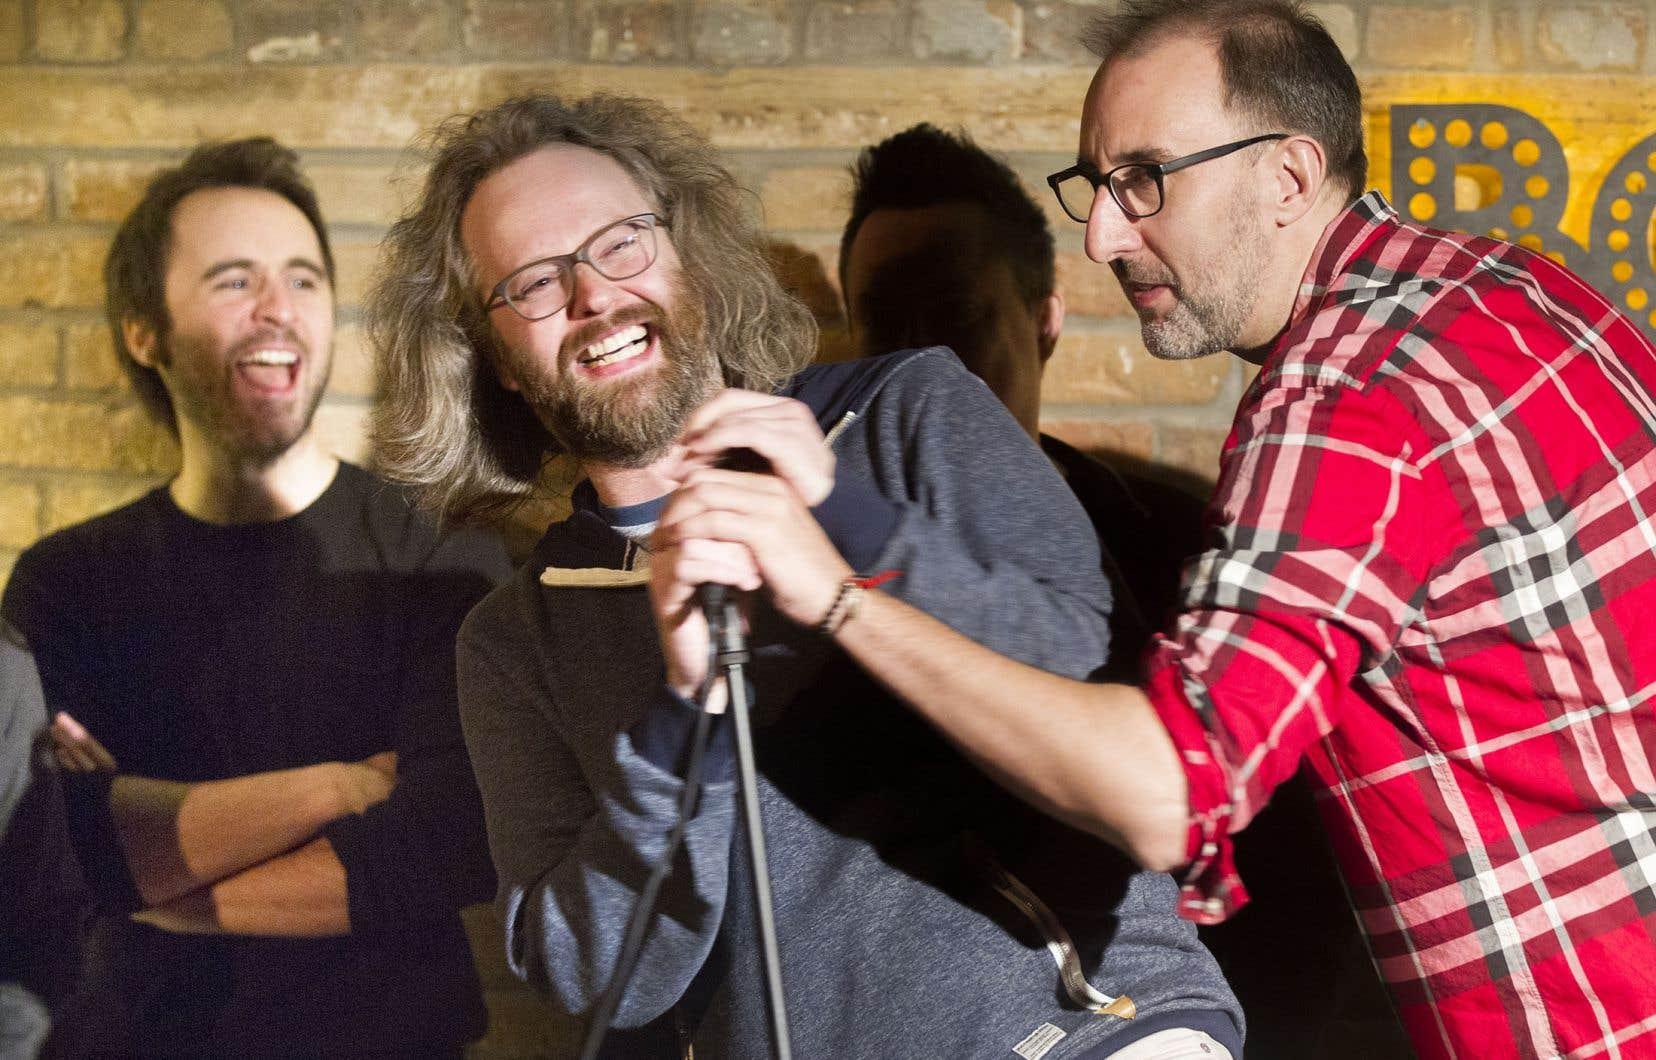 La programmation du nouveau festival rassemble à peu près tout ce qui compte en humouren français au Québec, de Louis-José Houde (à gauche) à François Bellefeuille (au centre) en passant par Martin Petit (à droite).